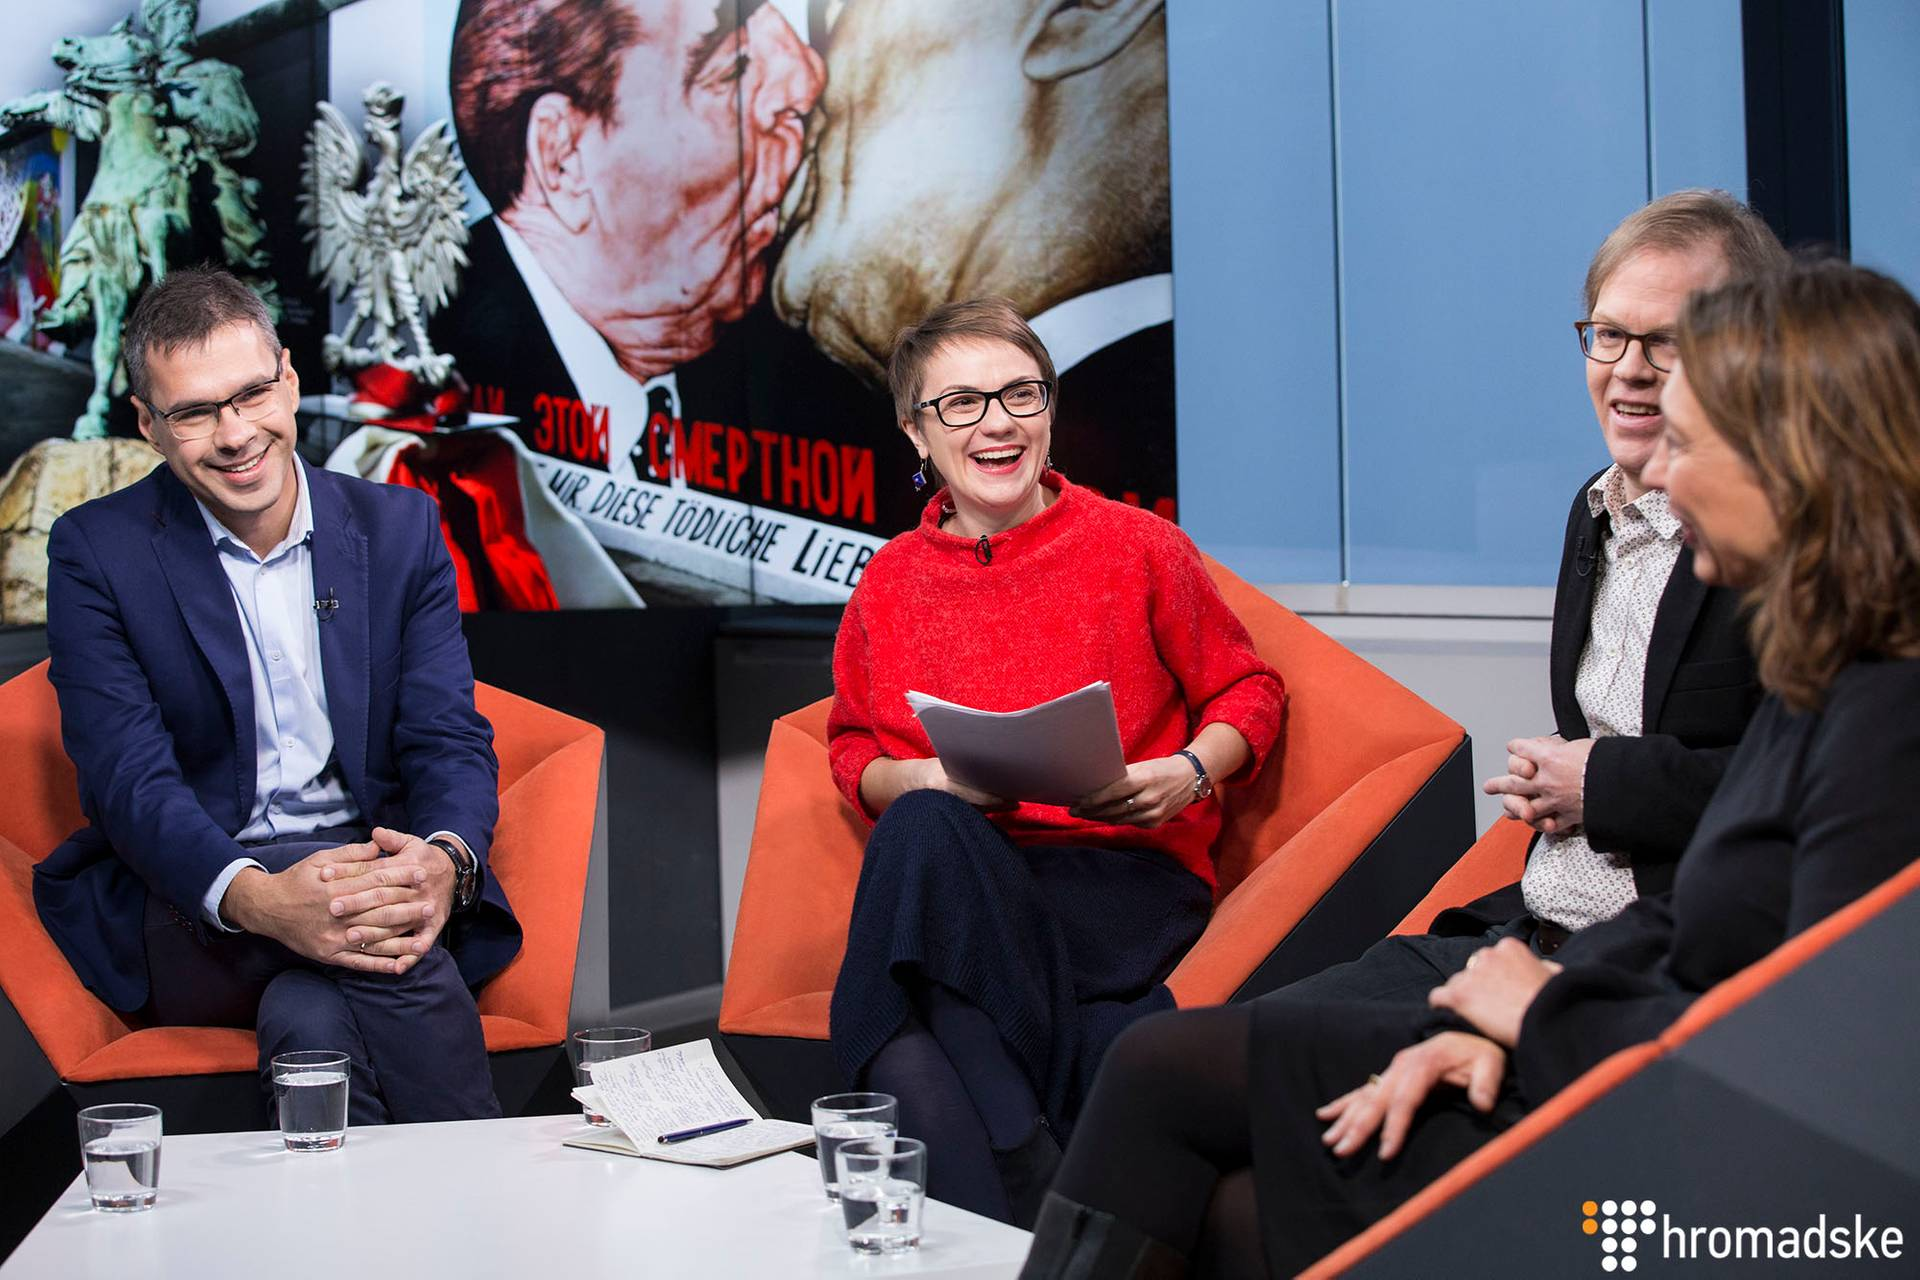 Журналістка Громадського Наталія Гуменюк (в центрі) спілкується з чотирма журналістами з США, Польщі і Німеччини про те, чи справді ліберальні цінності в Європі під загрозою і що це означає, Київ, 24 листопада 2018 року